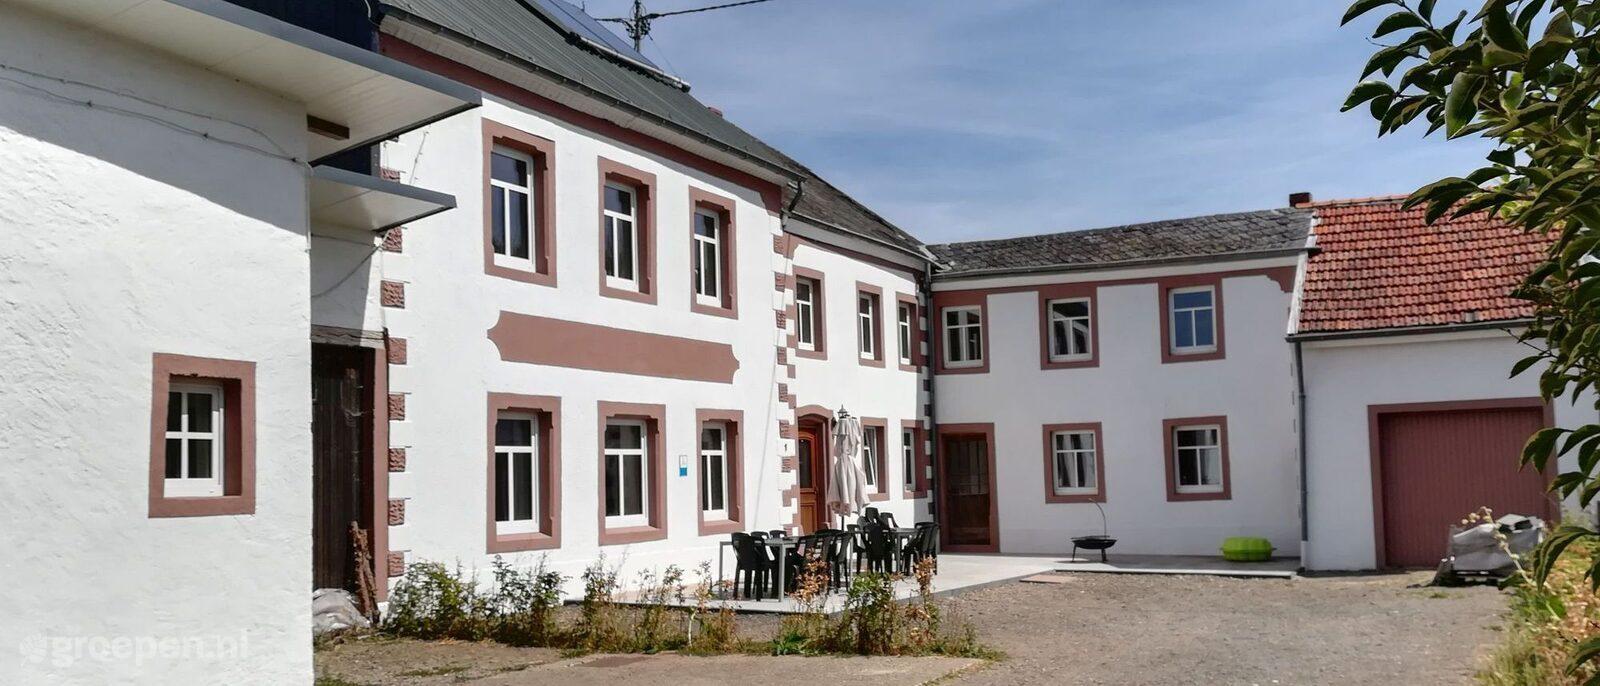 Groepsaccommodatie Rodershausen